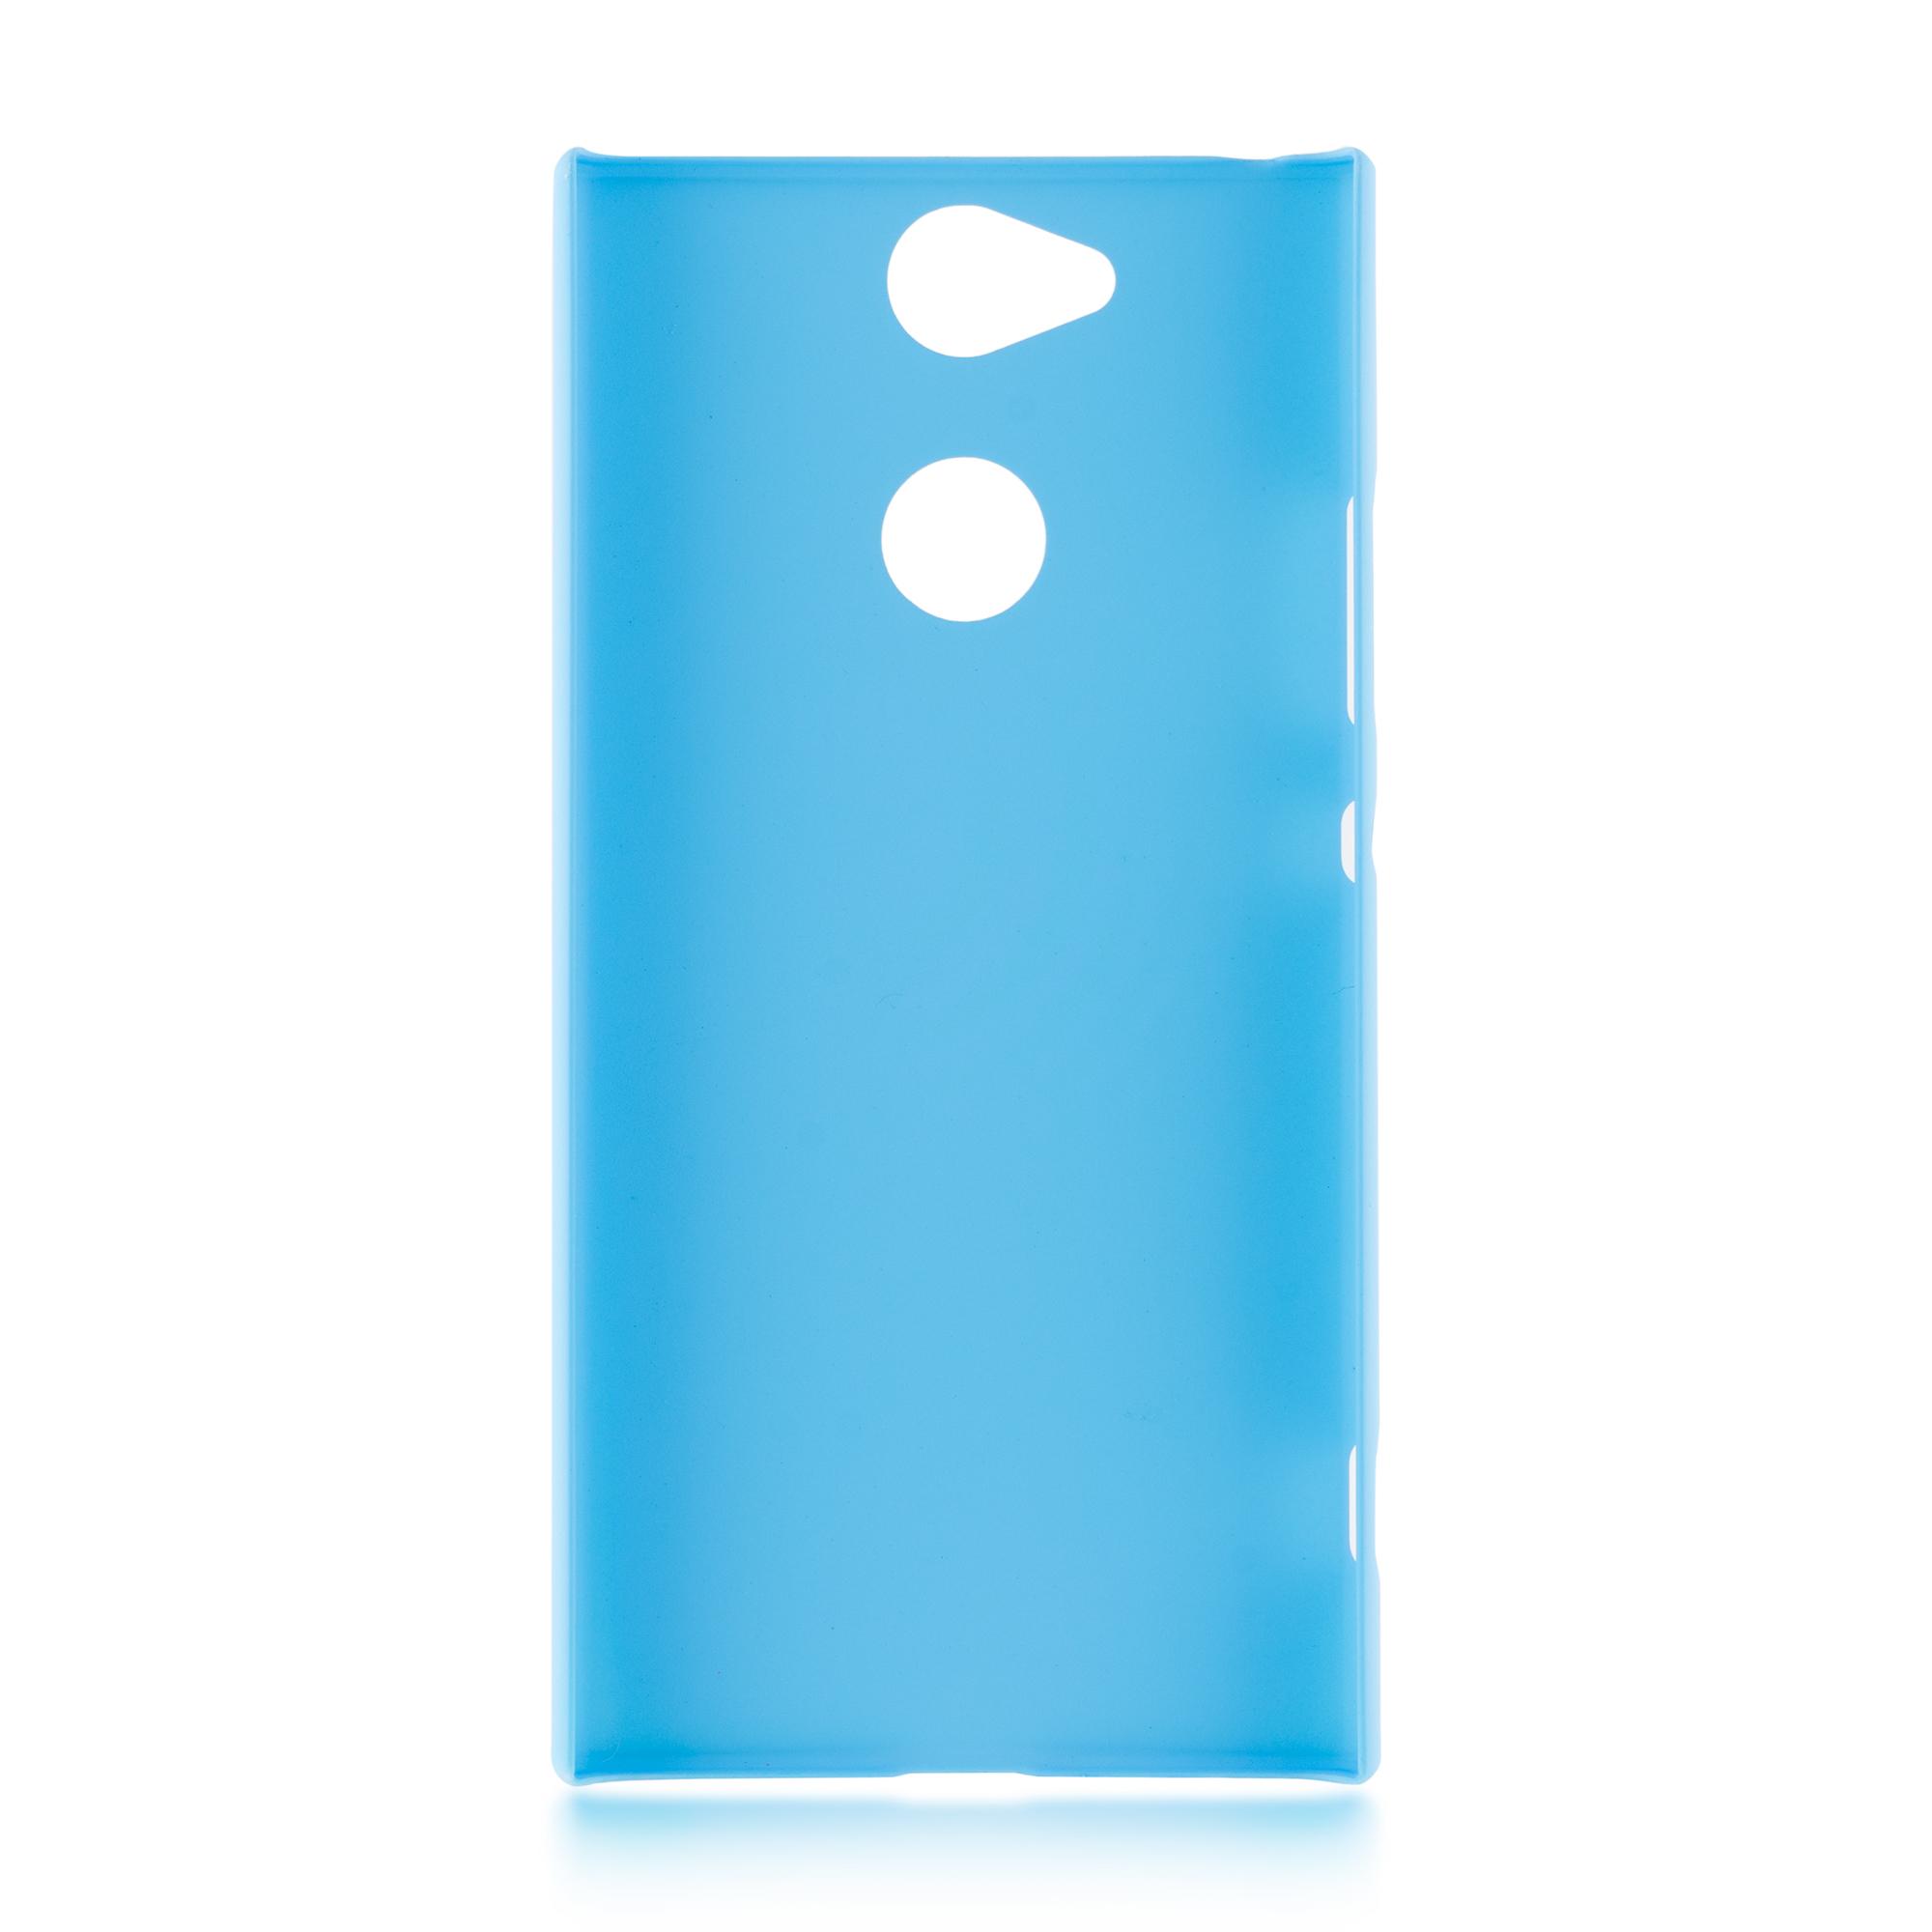 Пластиковый бампер для Xperia XA2 синего цвета